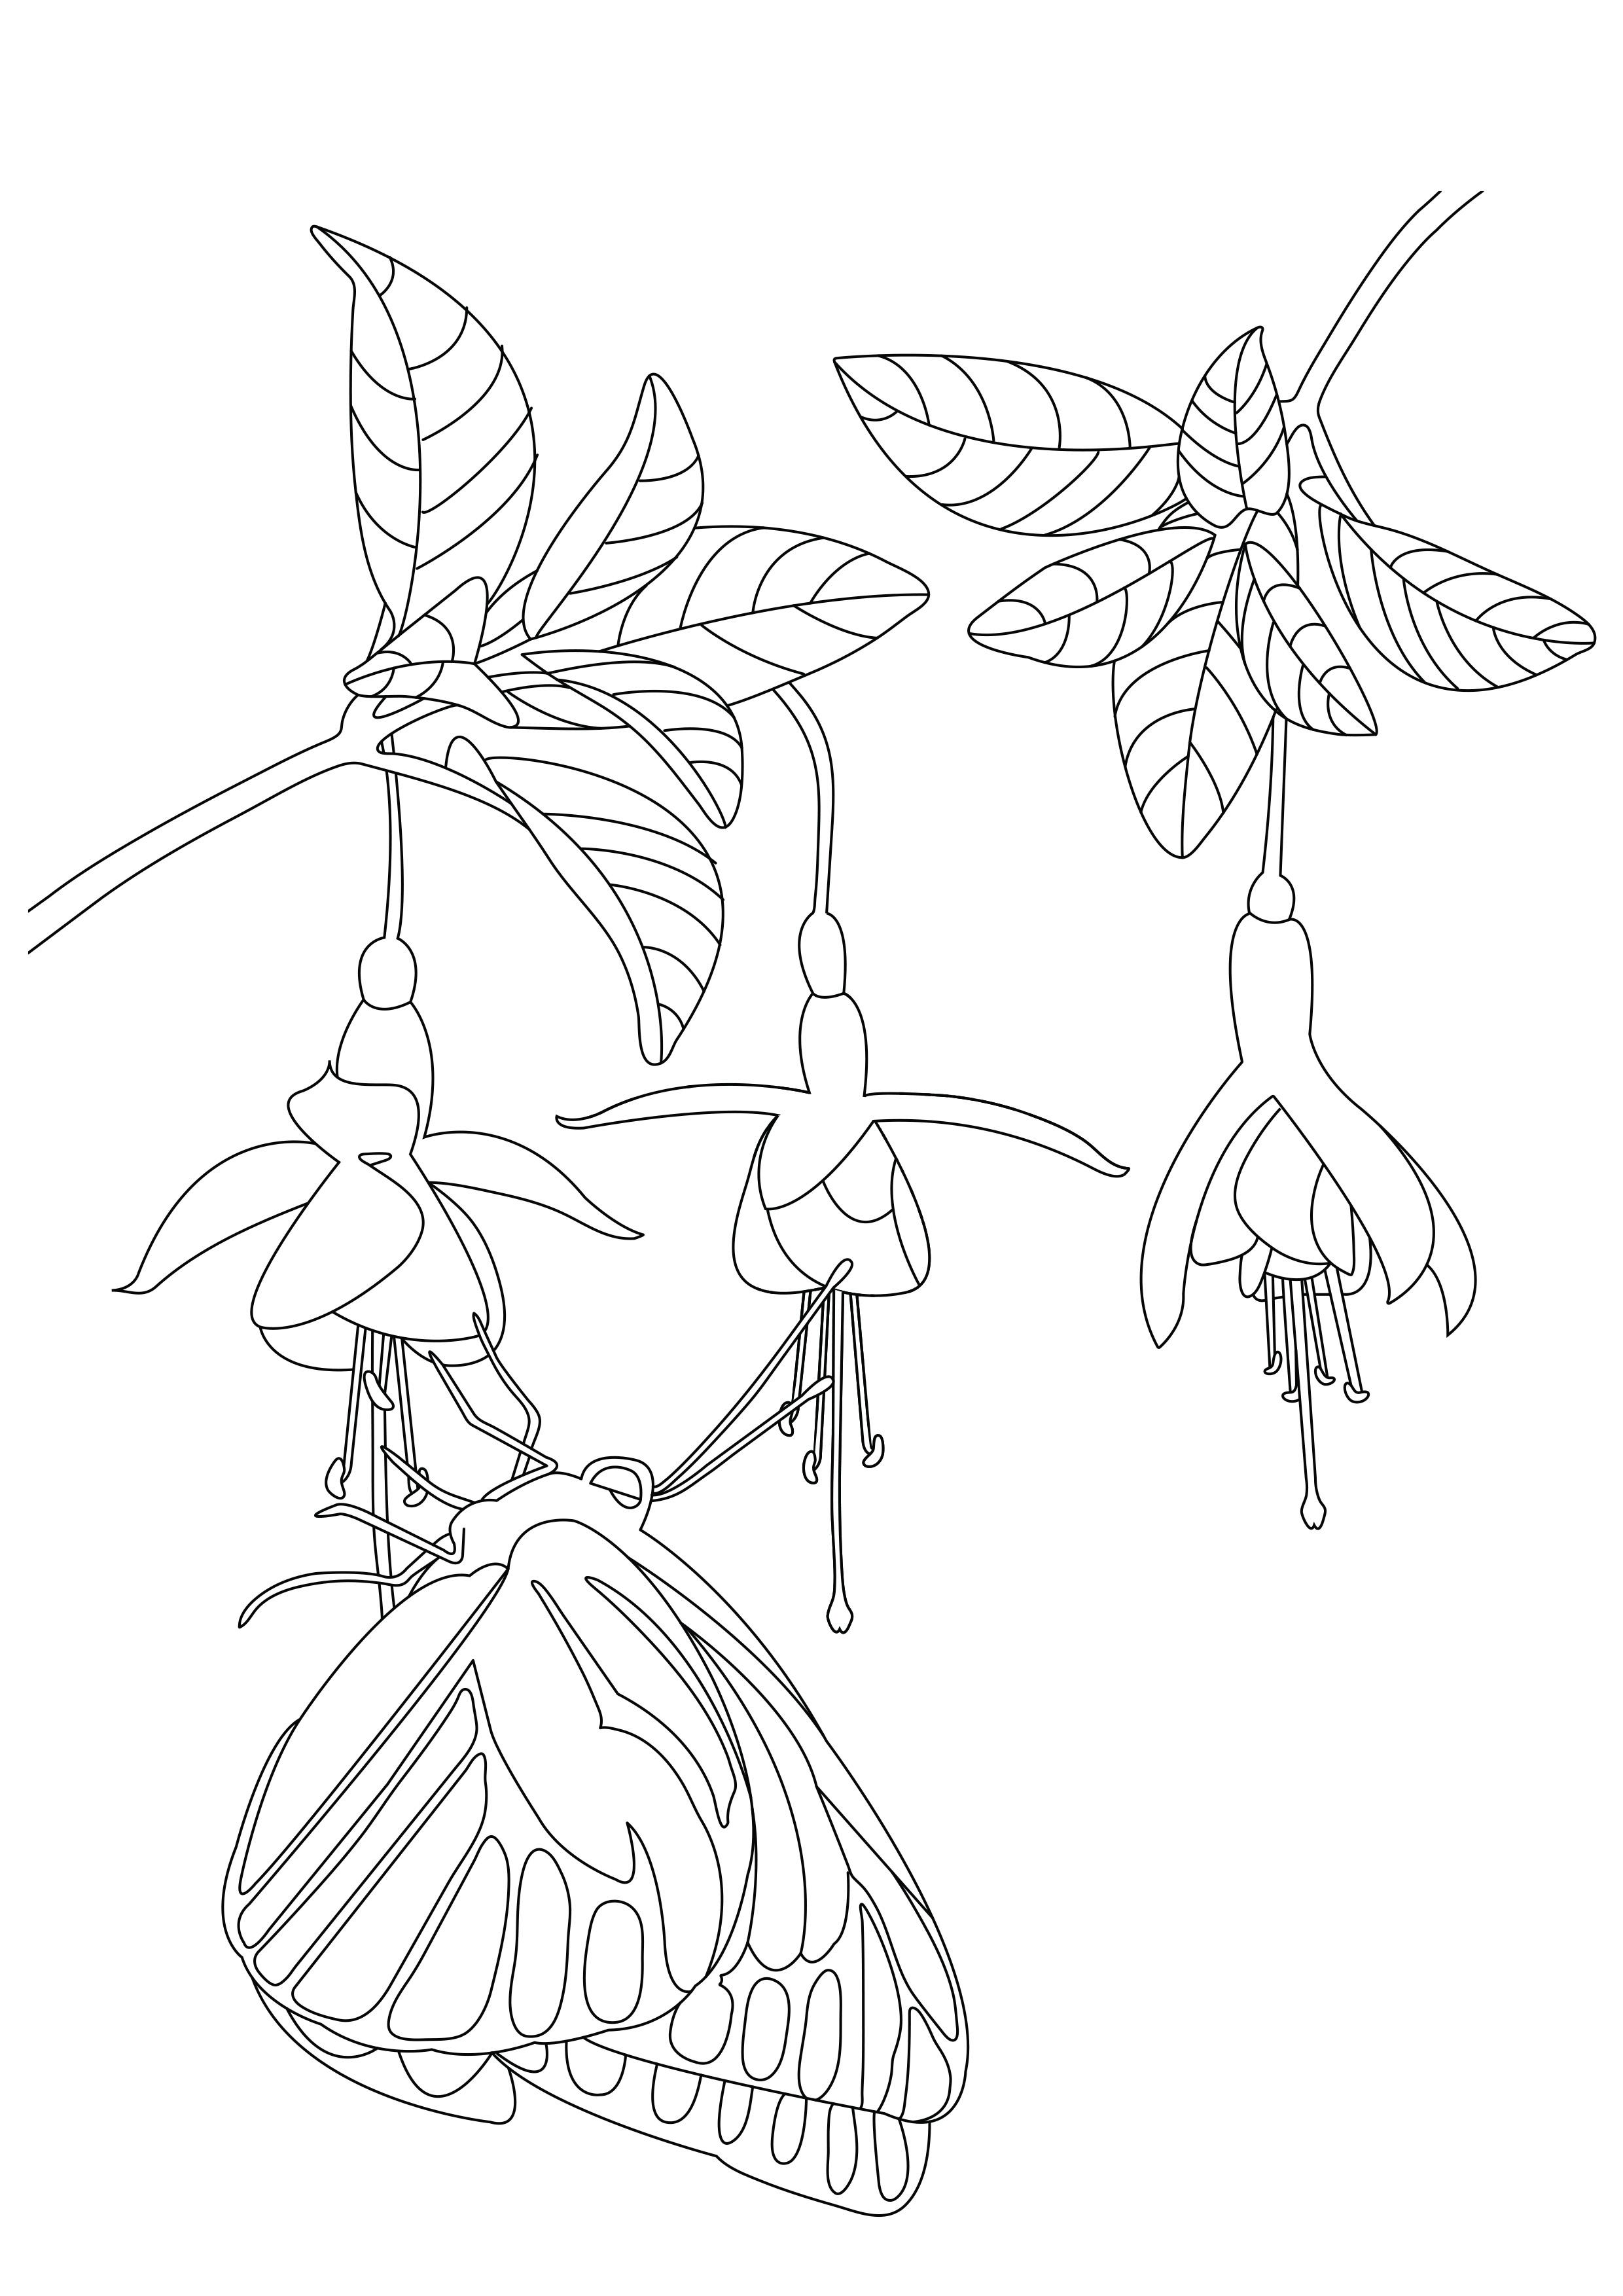 Insectos 85688 - Mariposas e insectos - Colorear para adultos